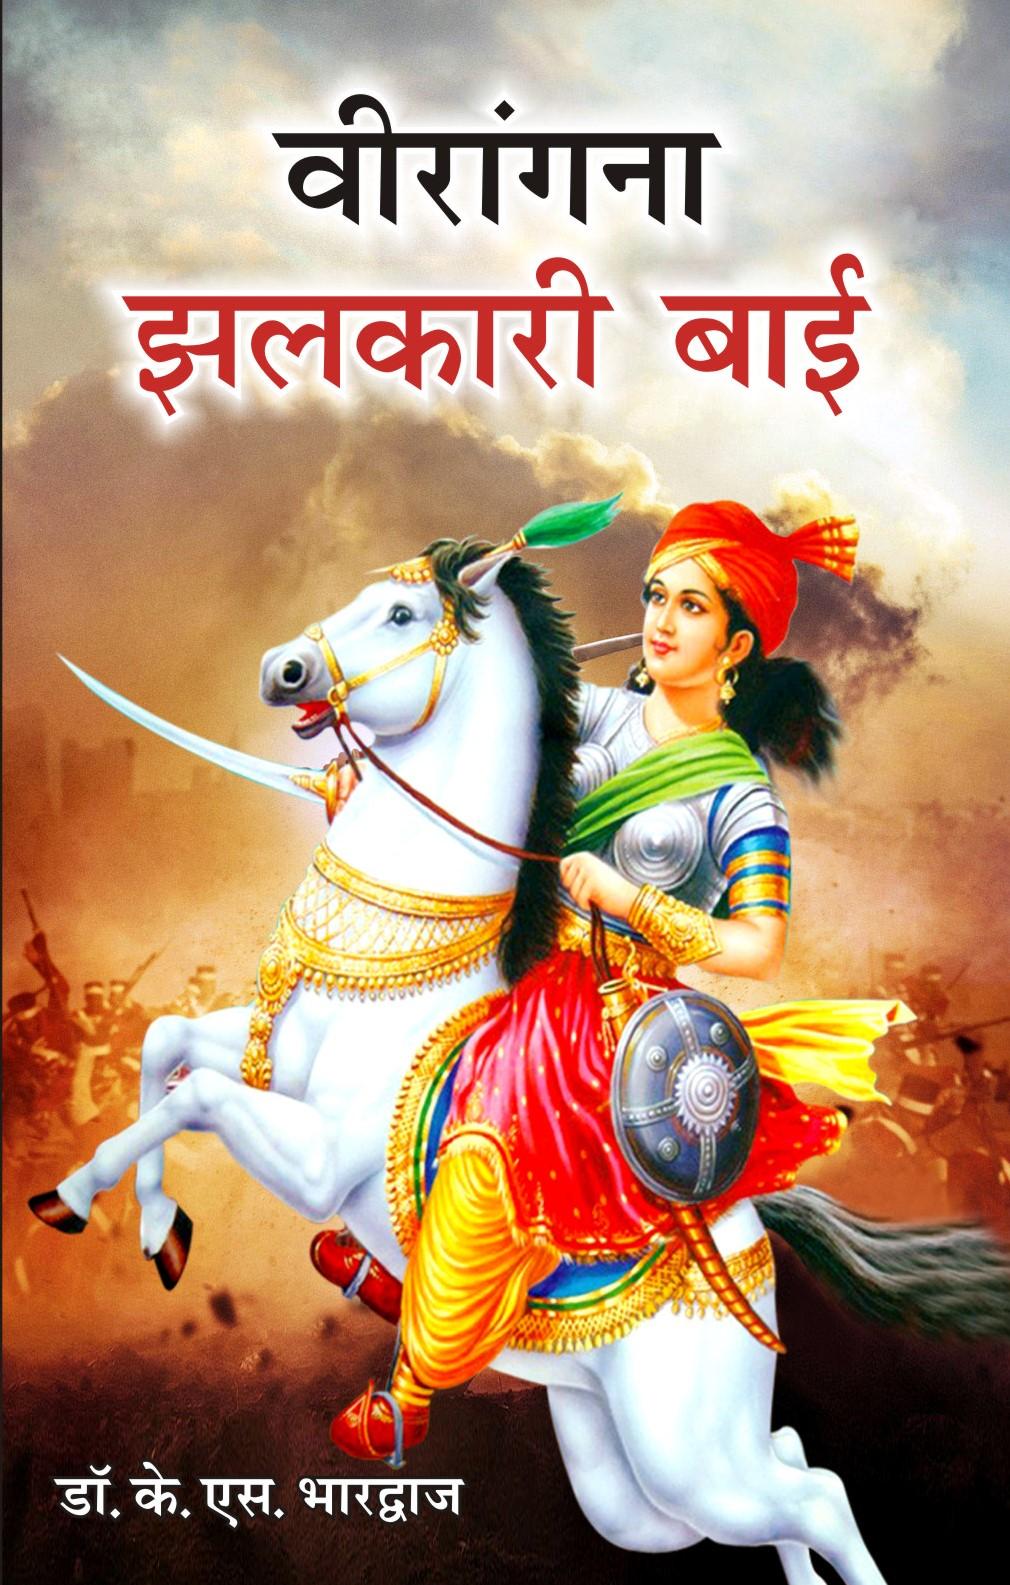 Veerangana Jhalkari bai